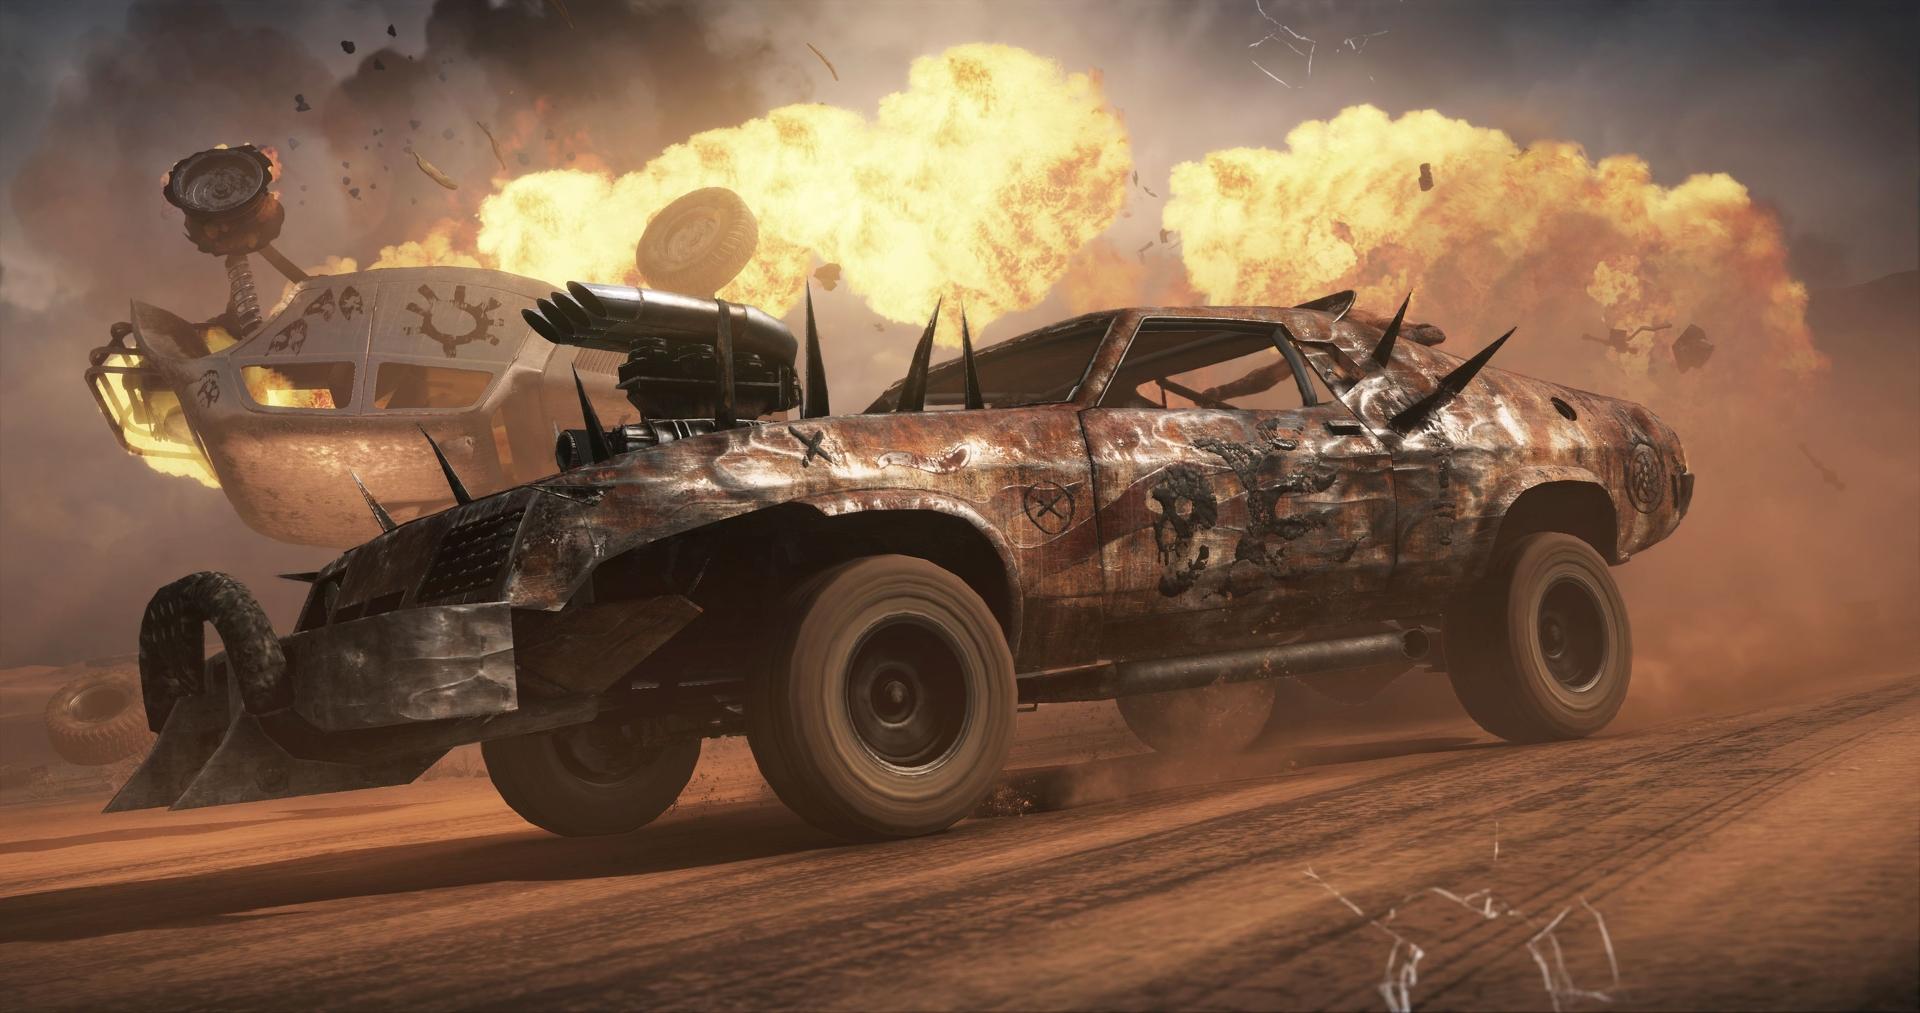 Obrazem: Post-apokalyptická pustina z akce Mad Max 108277